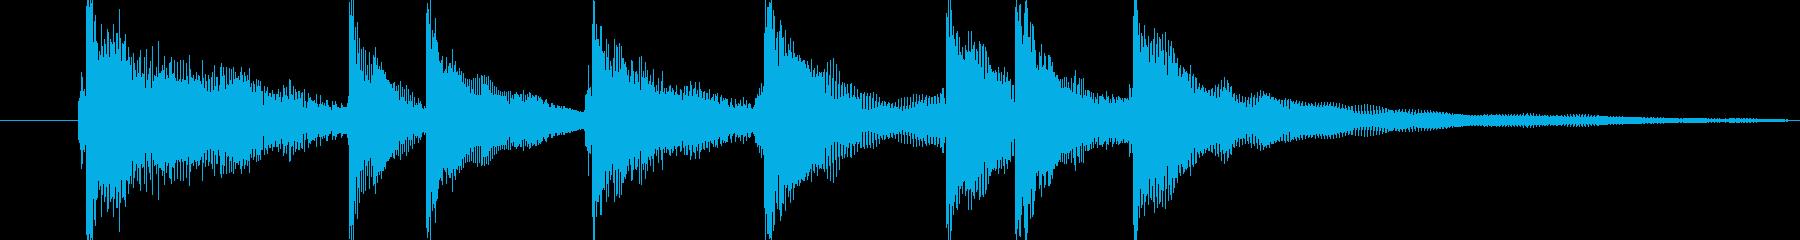 和太鼓と三味線の掛け声のジングルですの再生済みの波形